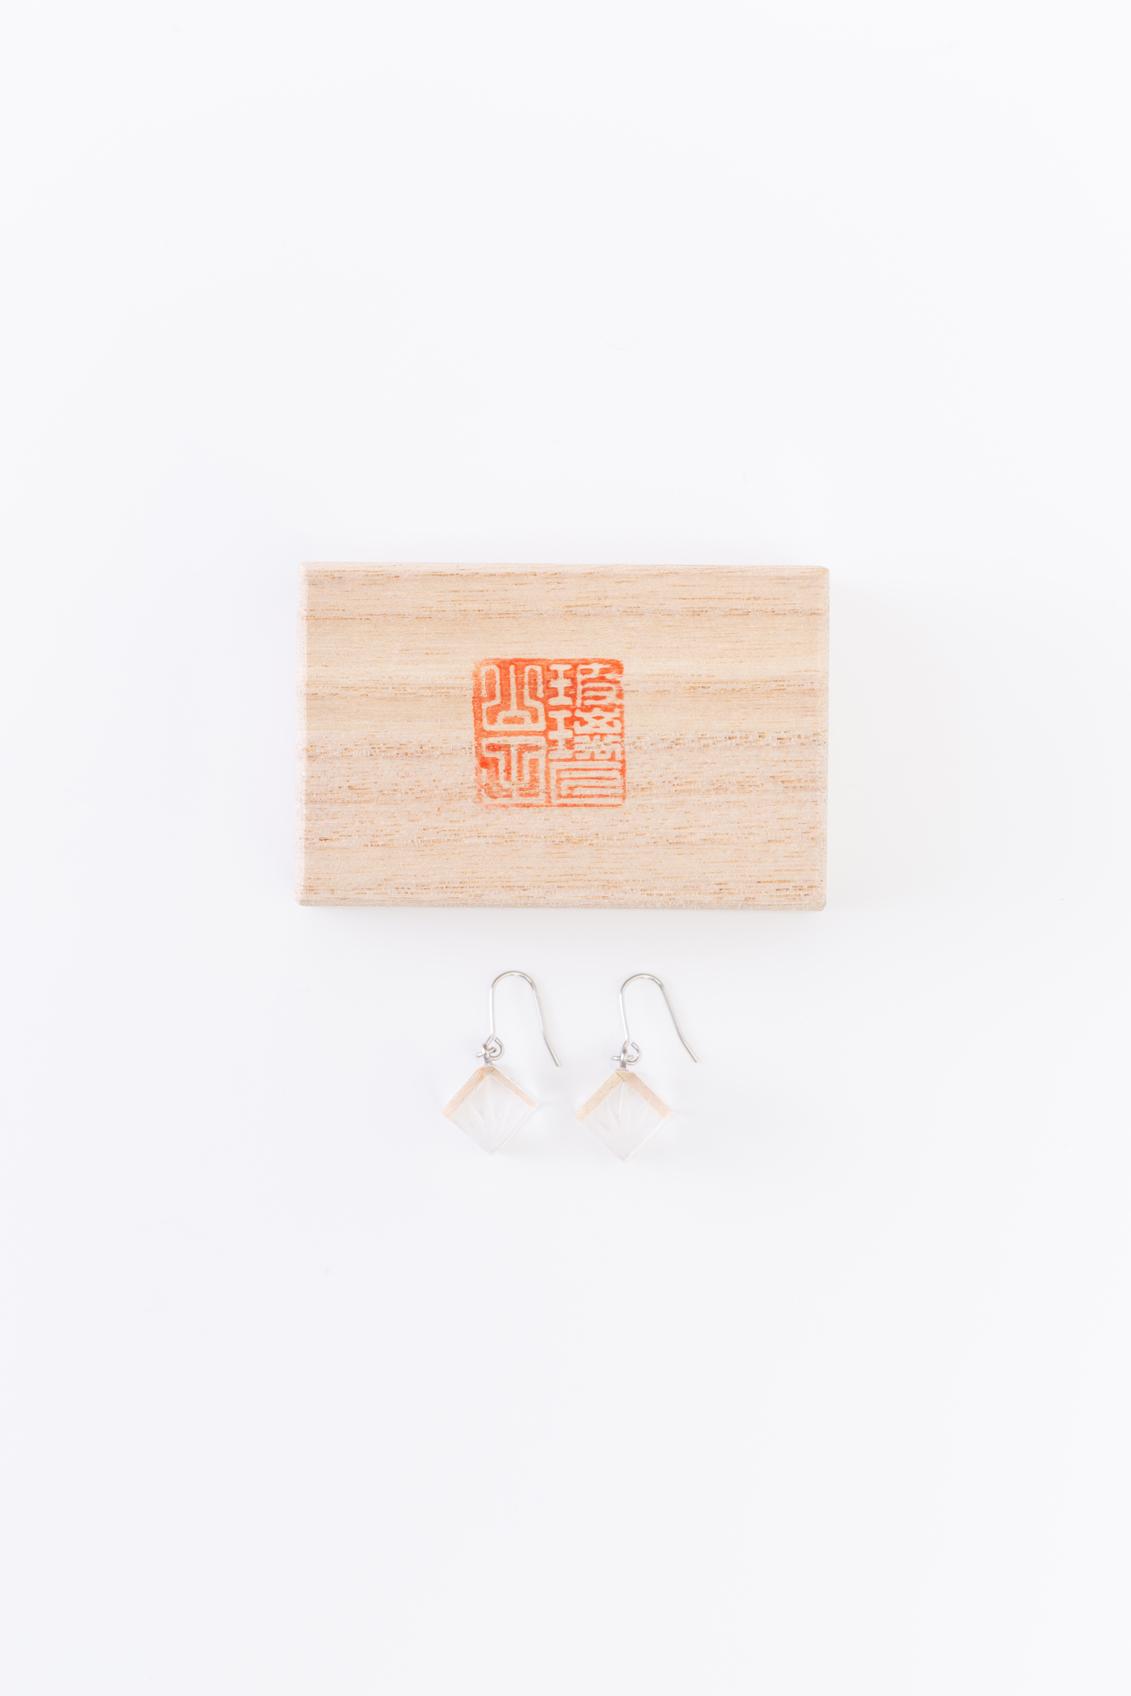 KITOKIRIKO Earrings(bamboo leaves)&box